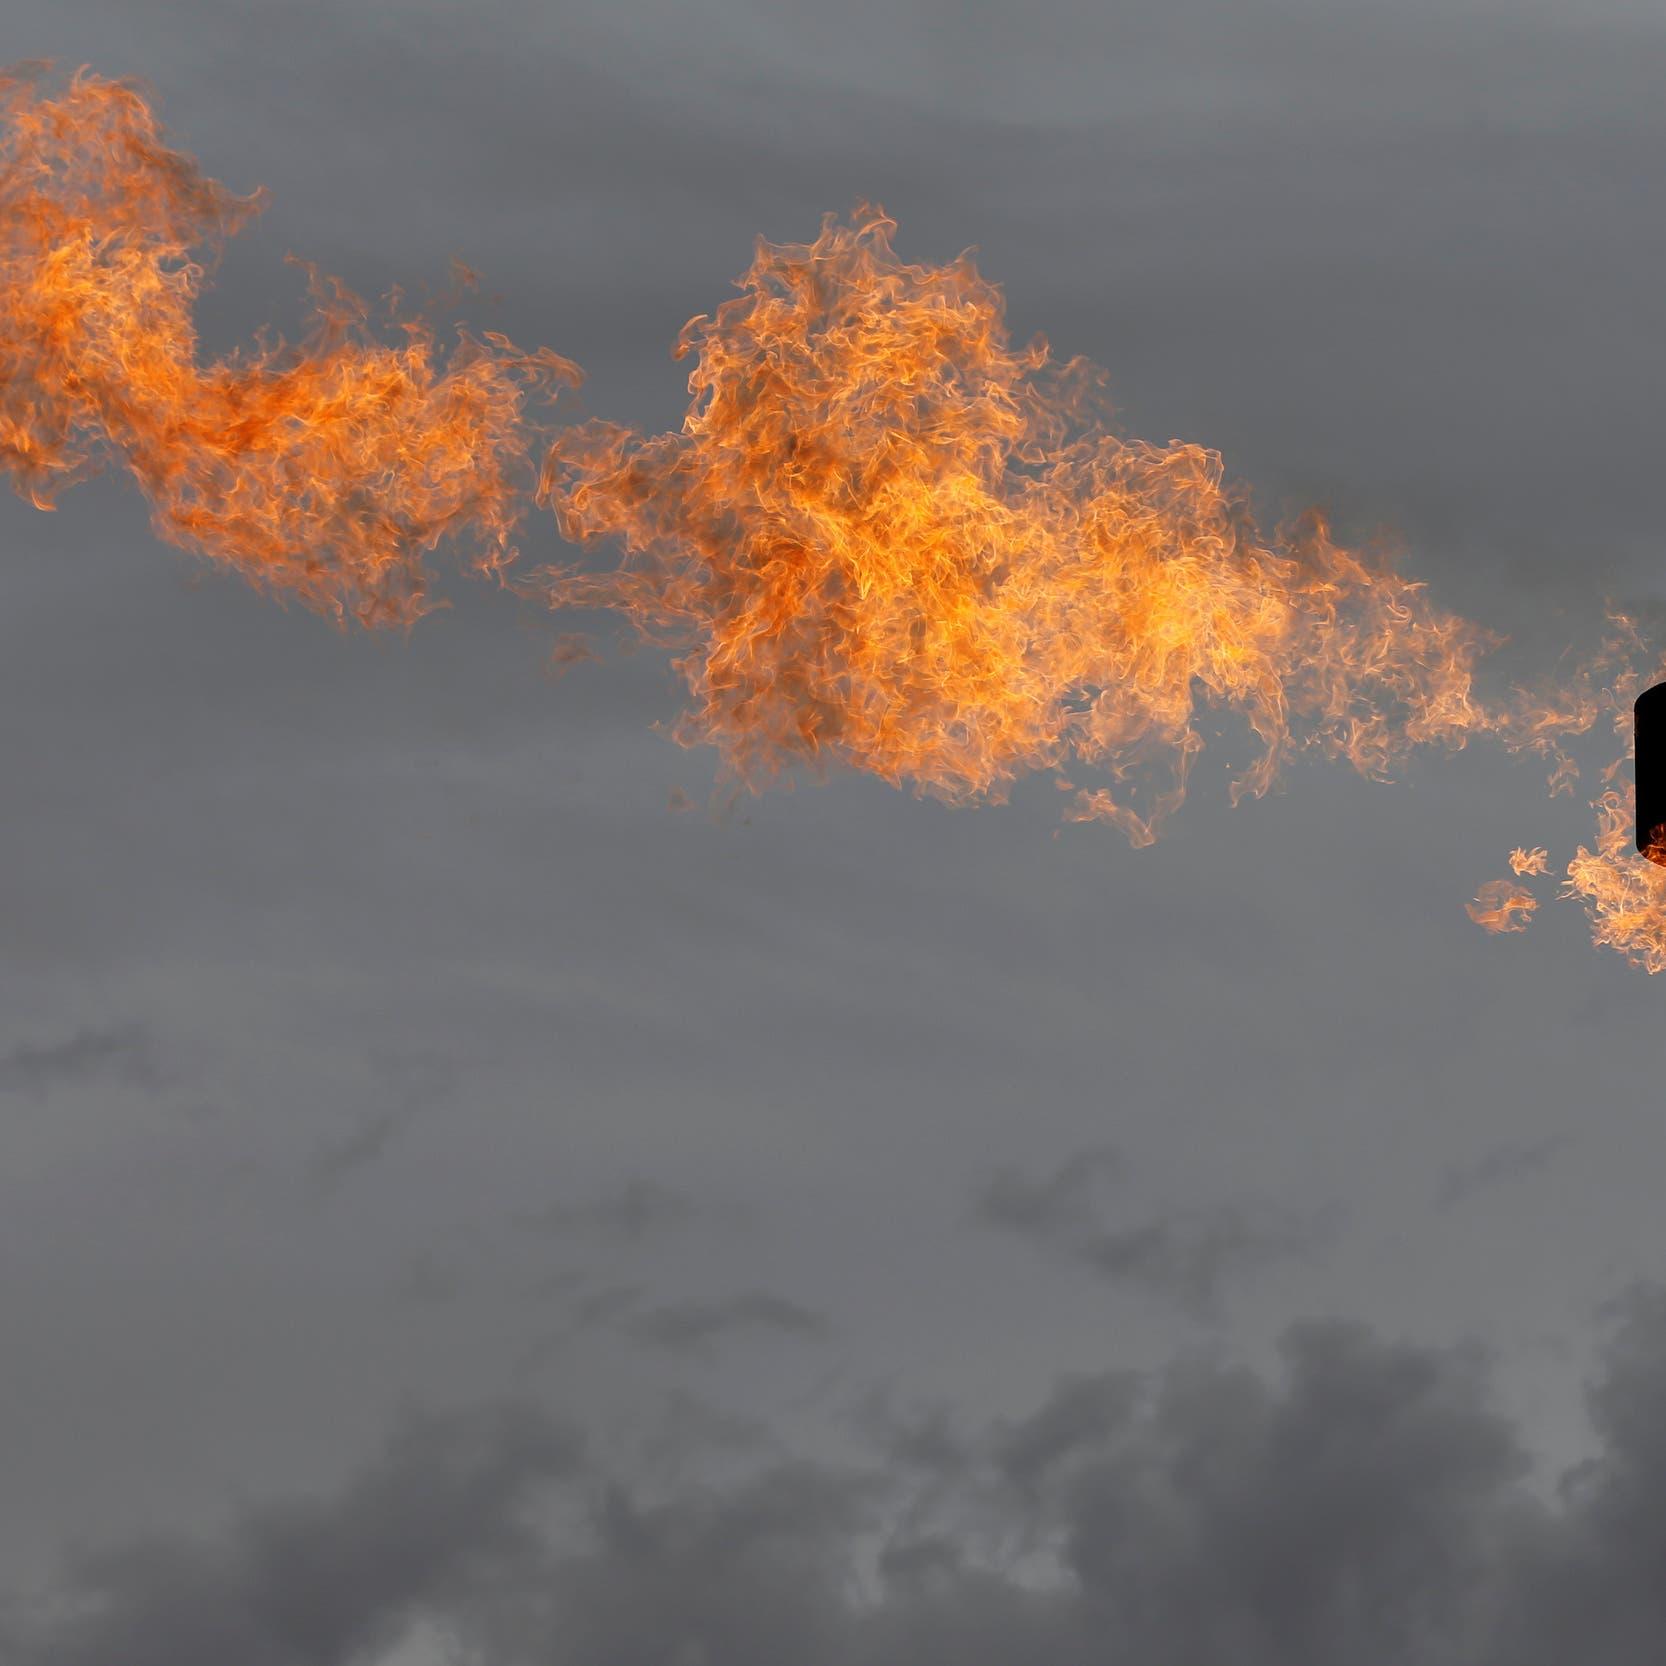 النفط يخترق 72 دولارًا.. أعلى مستوى في عامين